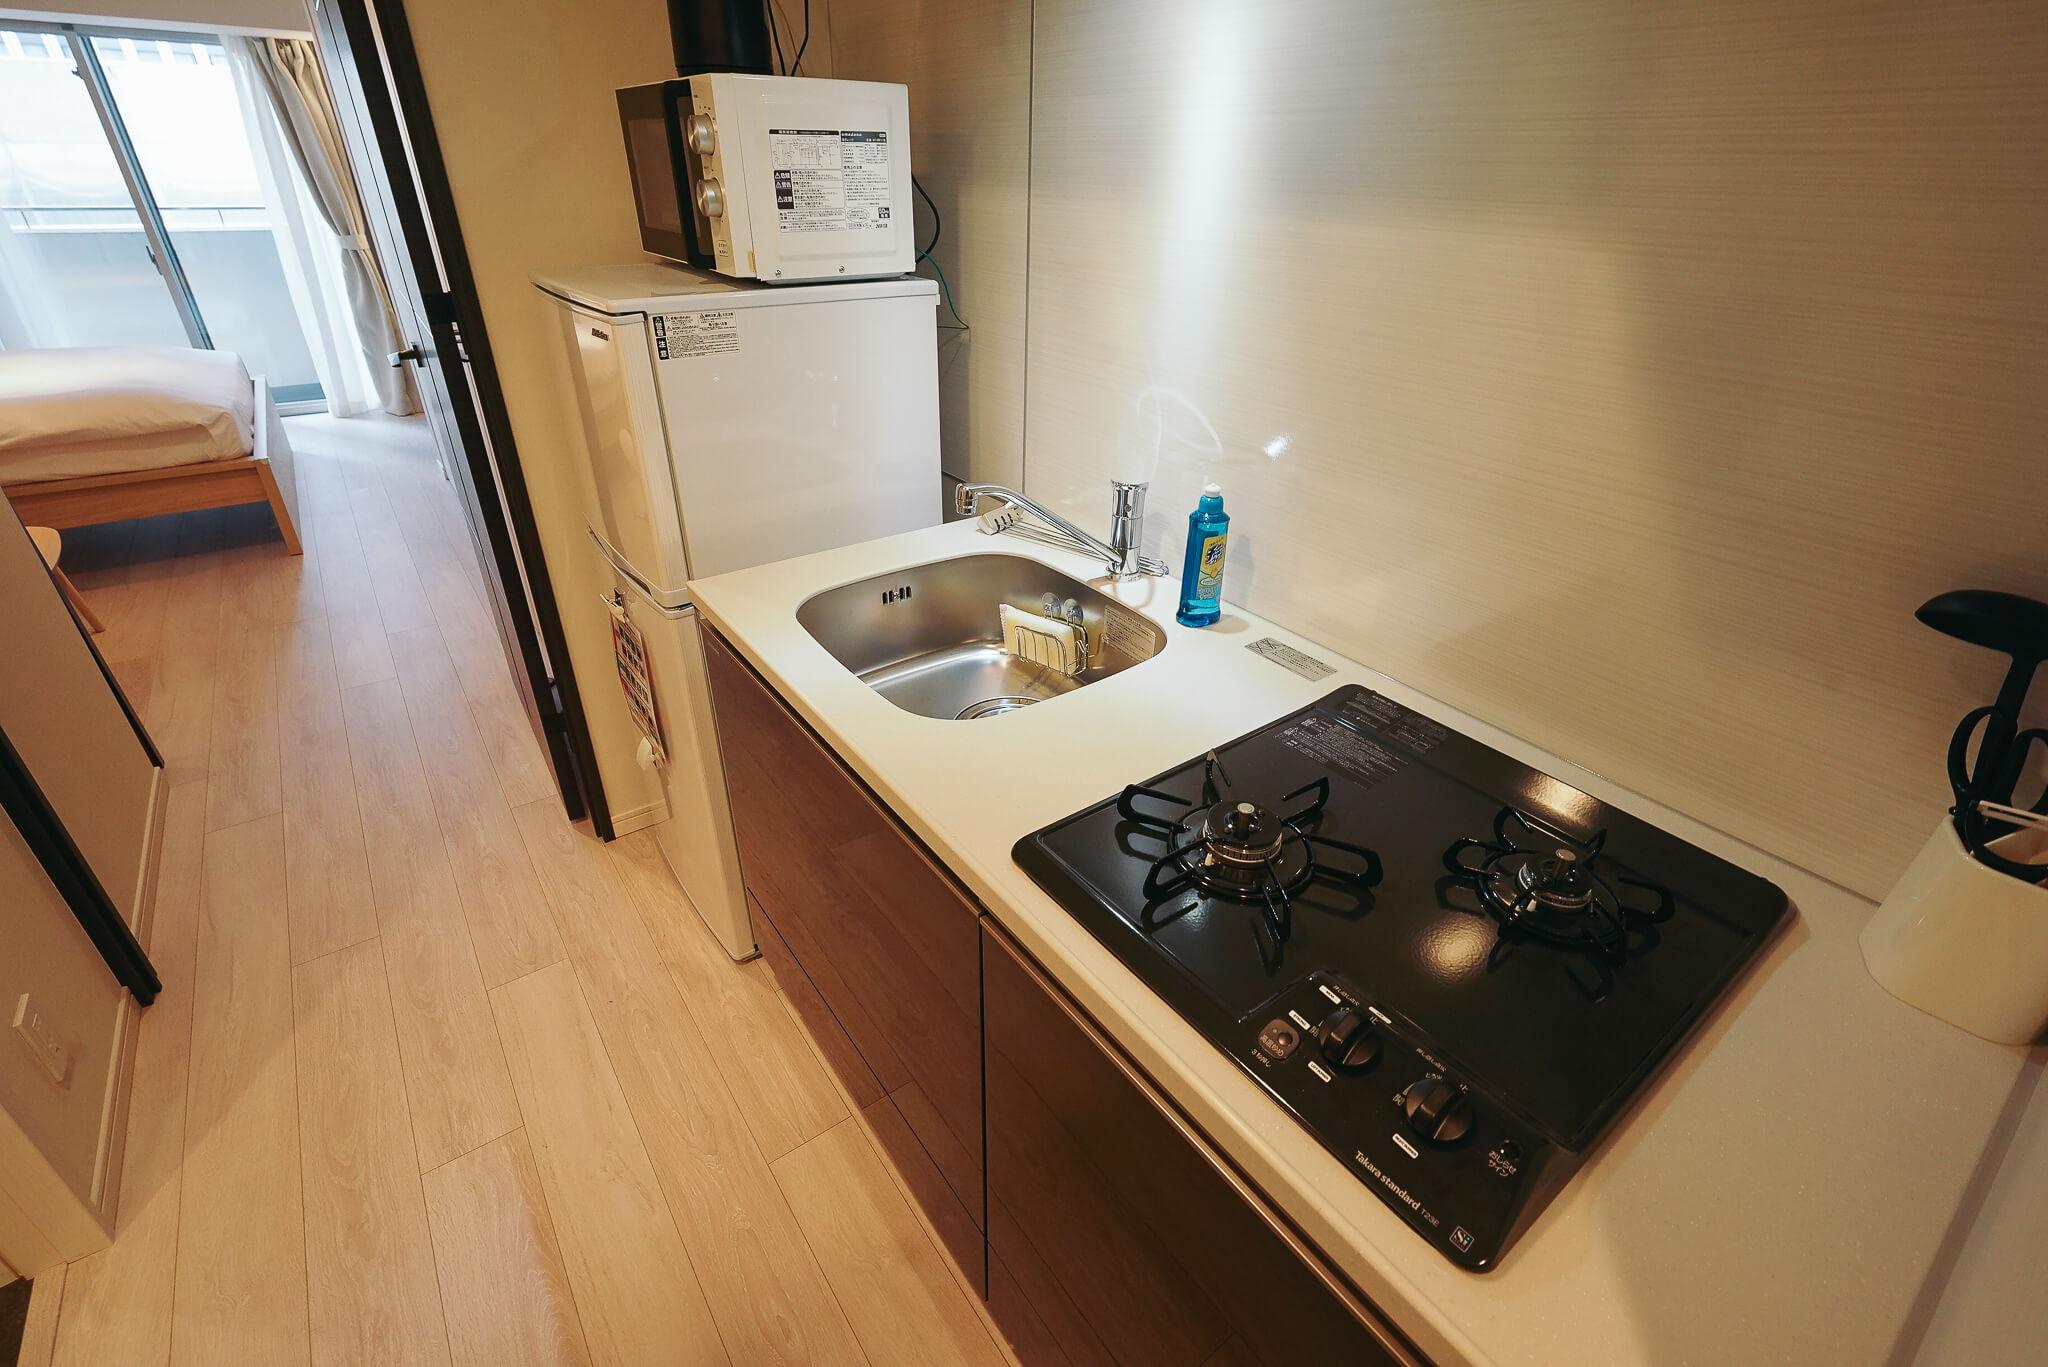 キッチンは、しっかり自炊のできるガス2口のタイプ。冷蔵庫もホテルのミニタイプではなく、容量が大きなものをご用意しています